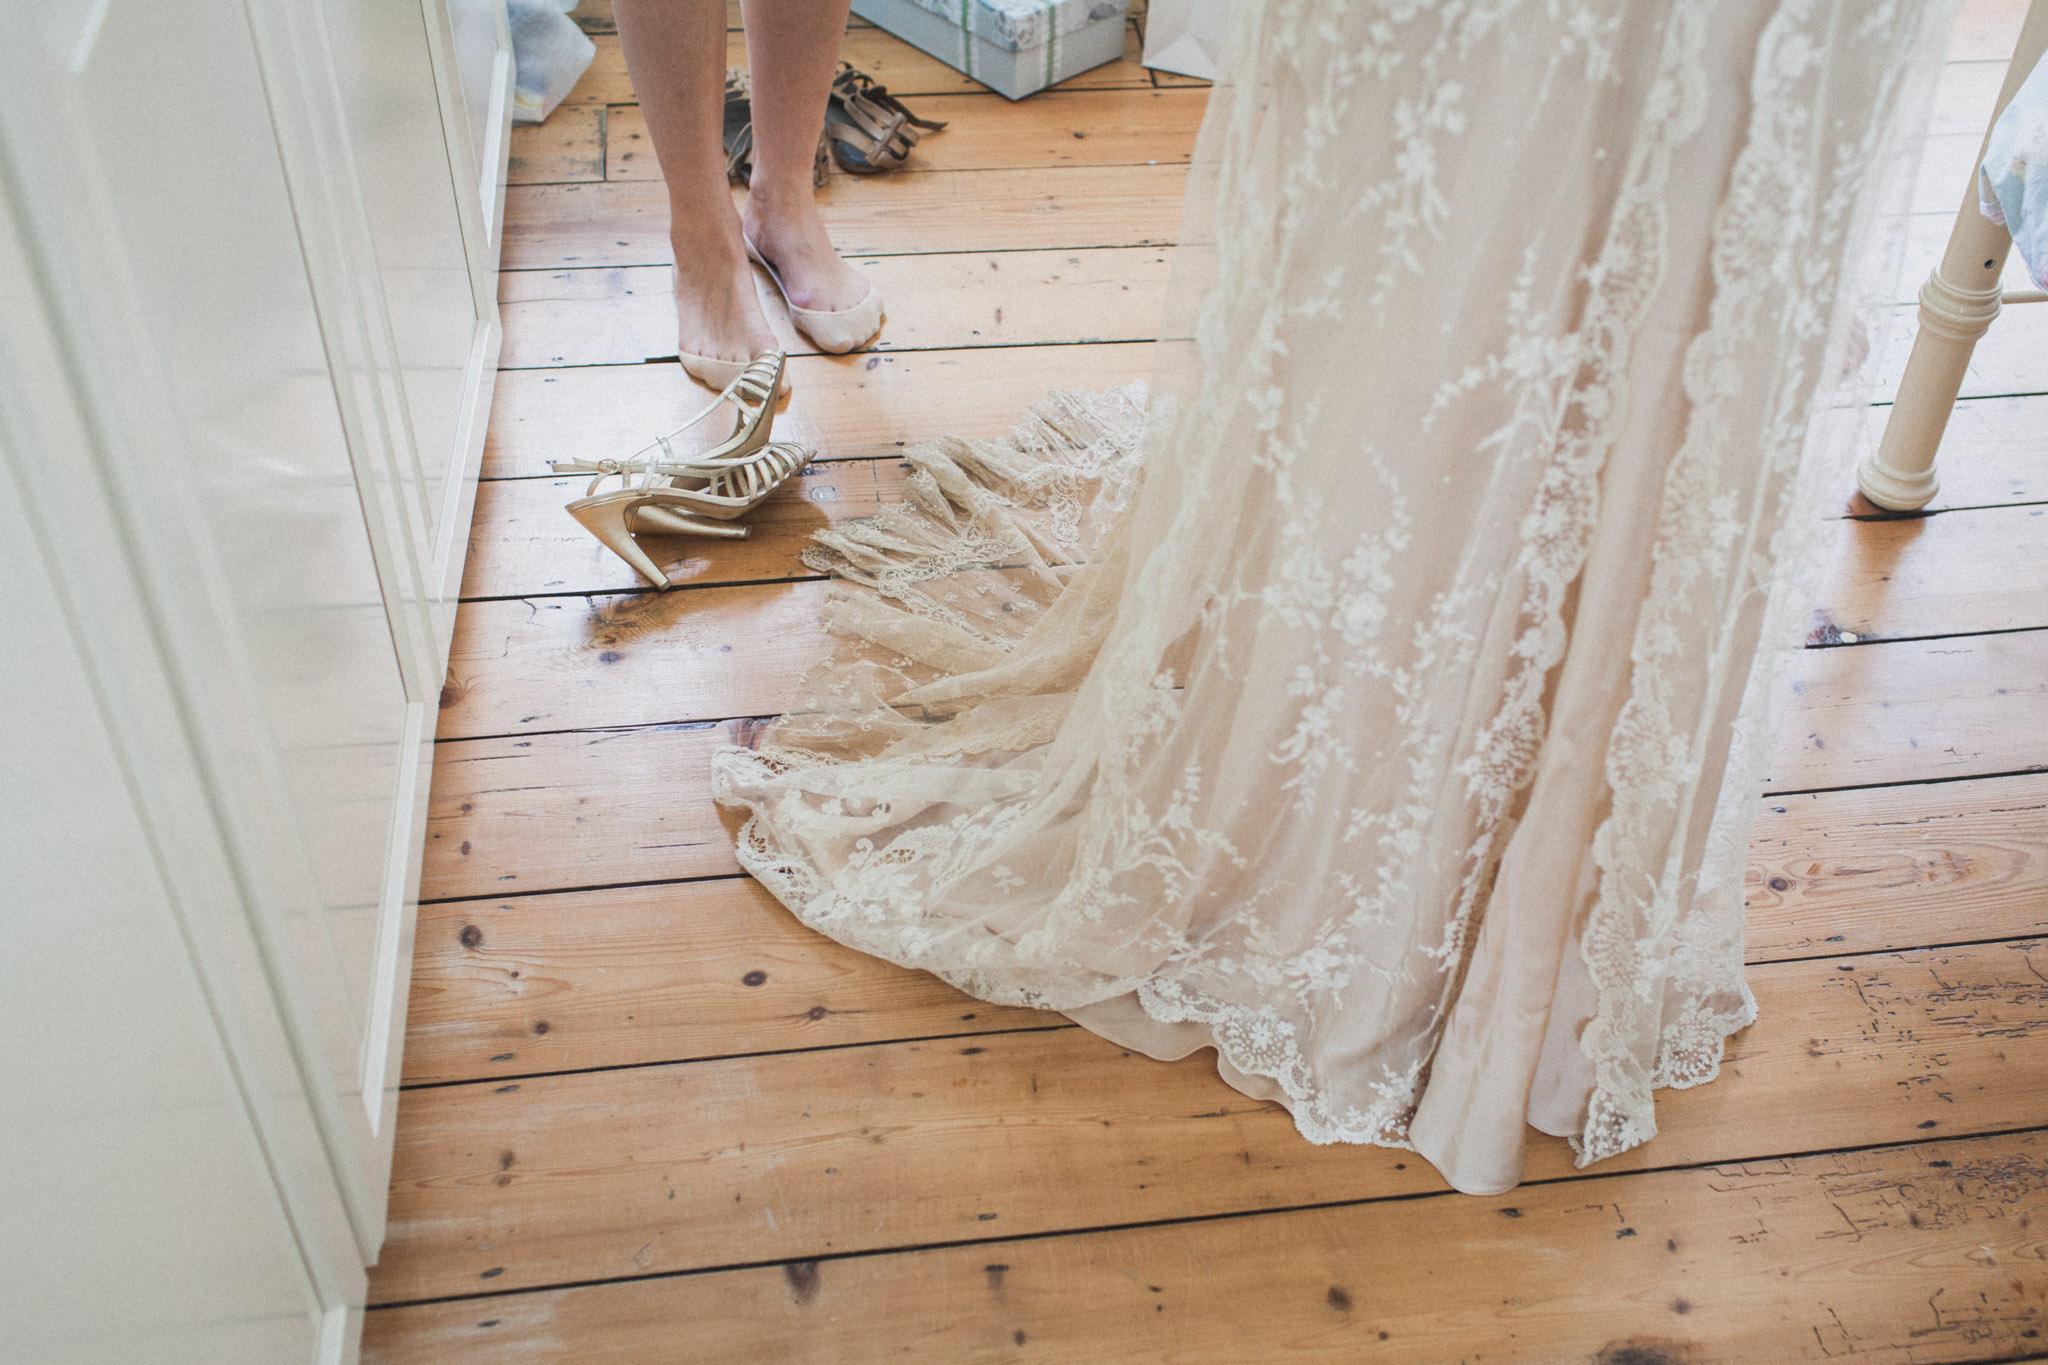 lewes_wedding_photographer_0012.jpg